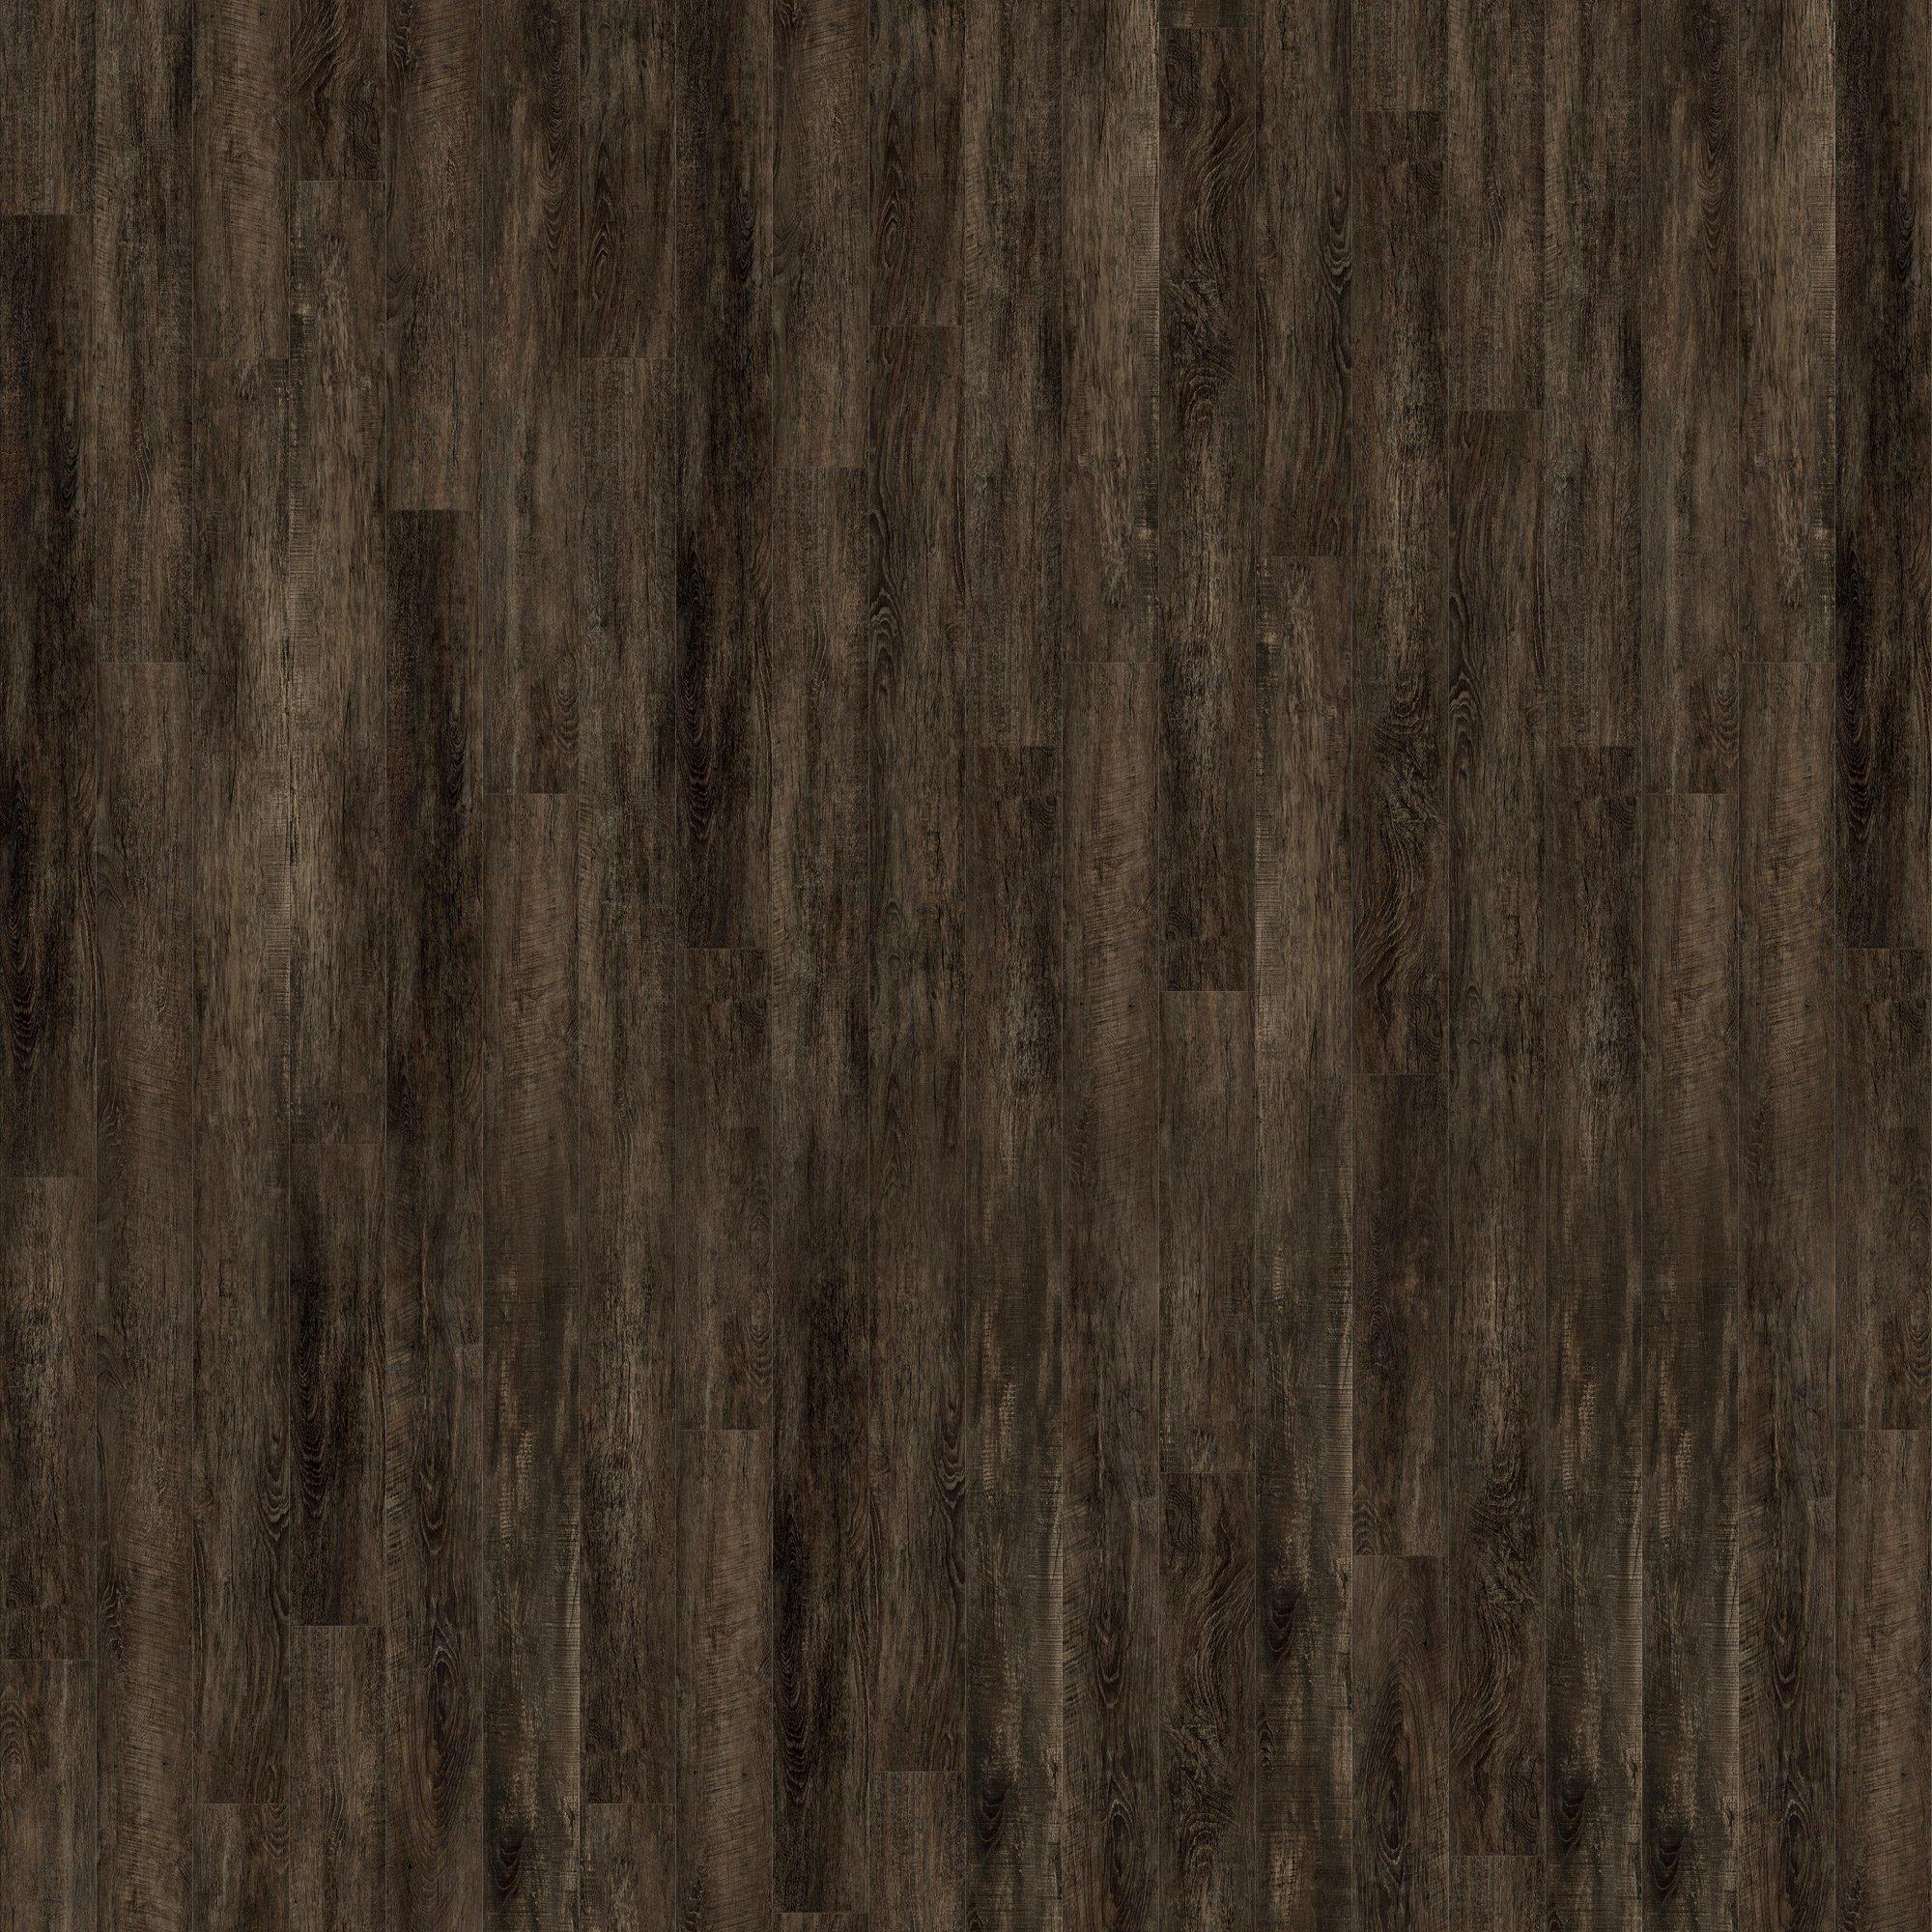 Cali Vinyl Pro Pet Proof Flooring, Shadowed Oak (23.77 Sq Ft/box), 5.181 Lb